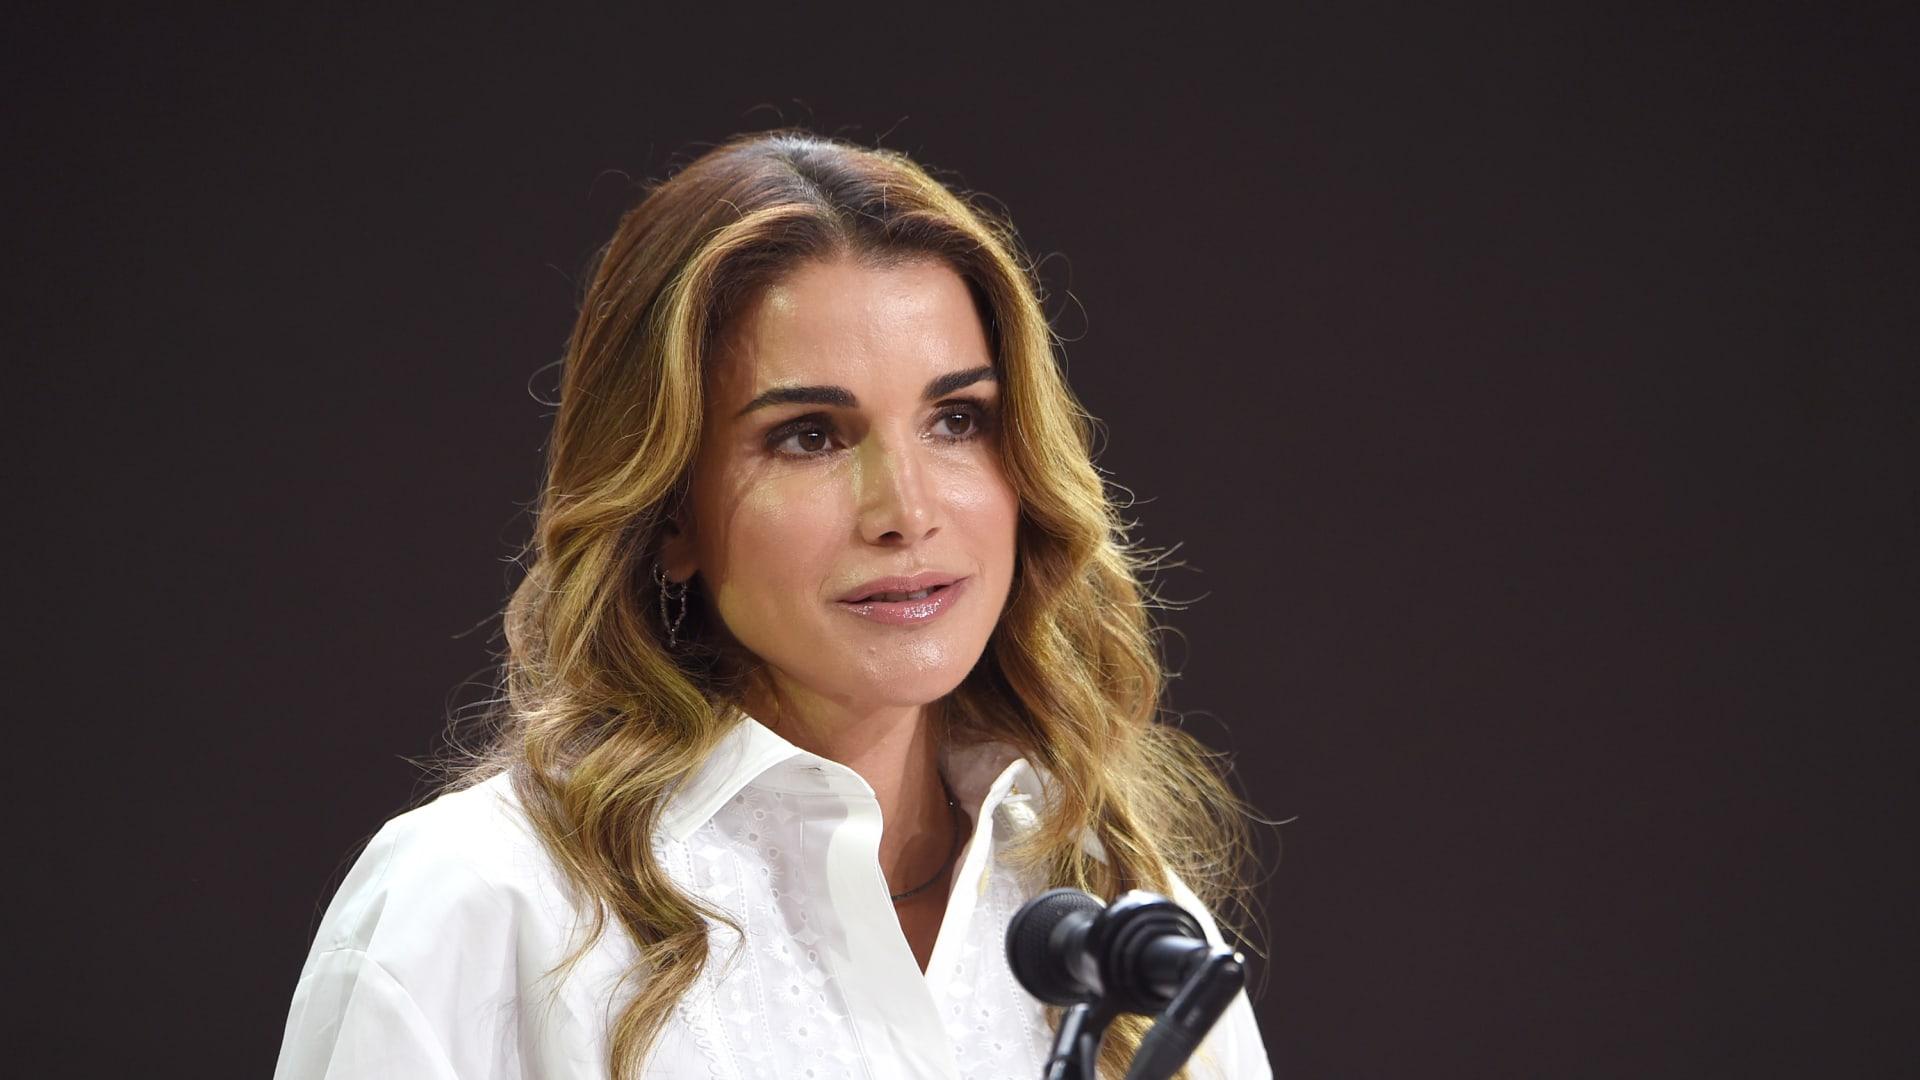 الملكة رانيا عن وفاة مرضى كورونا بسبب انقطاع الأكسجين: ما حدث بمستشفى السلط فاجعة